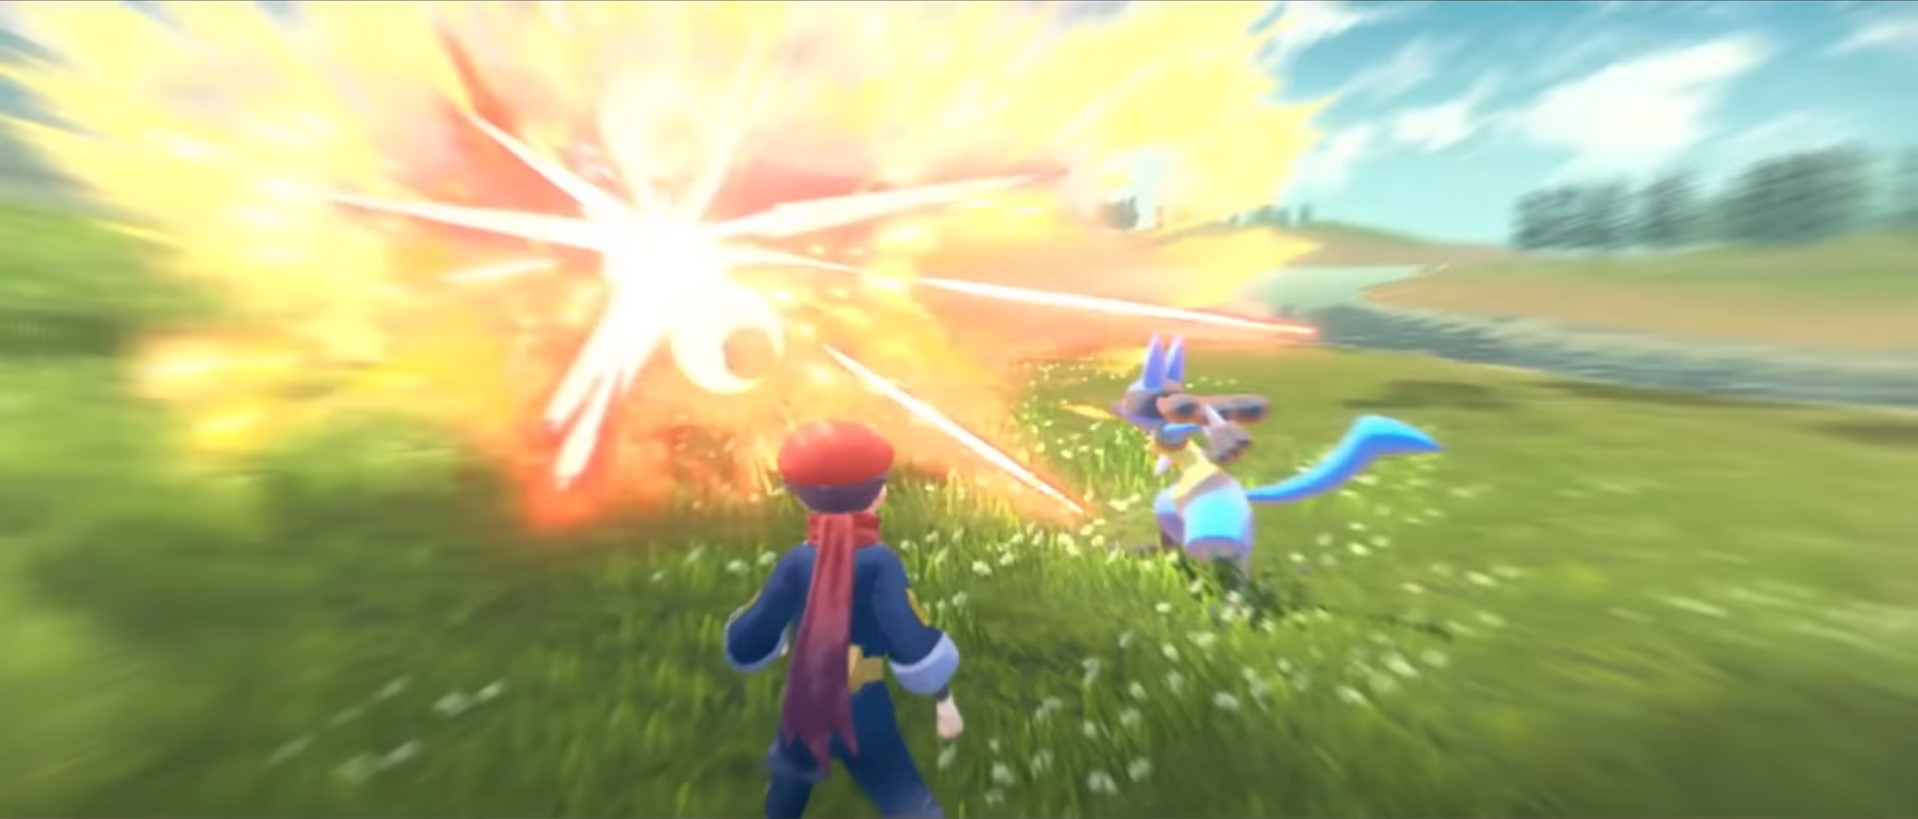 Pokemón por medio de su directo anunció los nuevos juegos que llegarán a nintendo switch este 2021 y el 2022. Entra aquí y entérate de todas las novedades que traerán estas nuevas entregas.